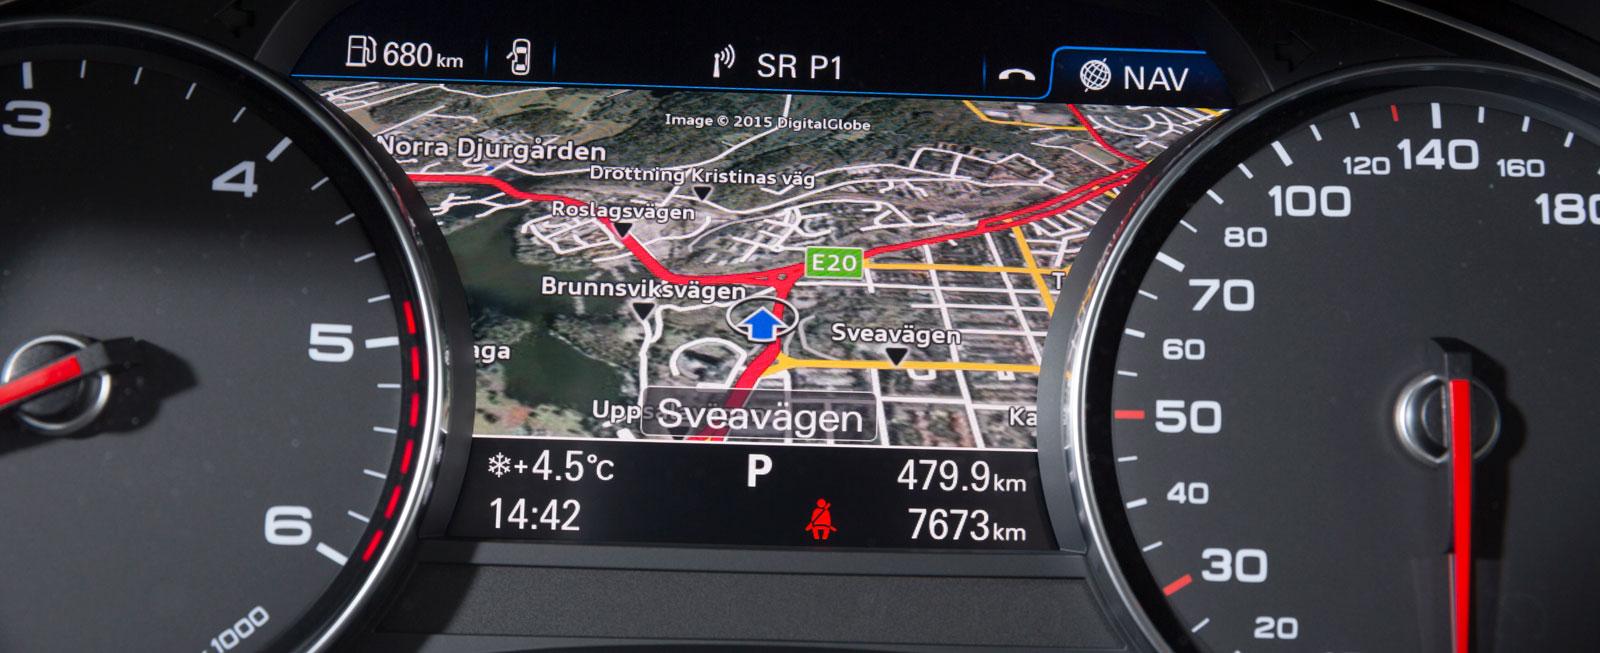 Navigationssystemets snygga karta kan visas på ytan mellan mätarna, mitt i förarens synfält. Läckert och funktionellt!